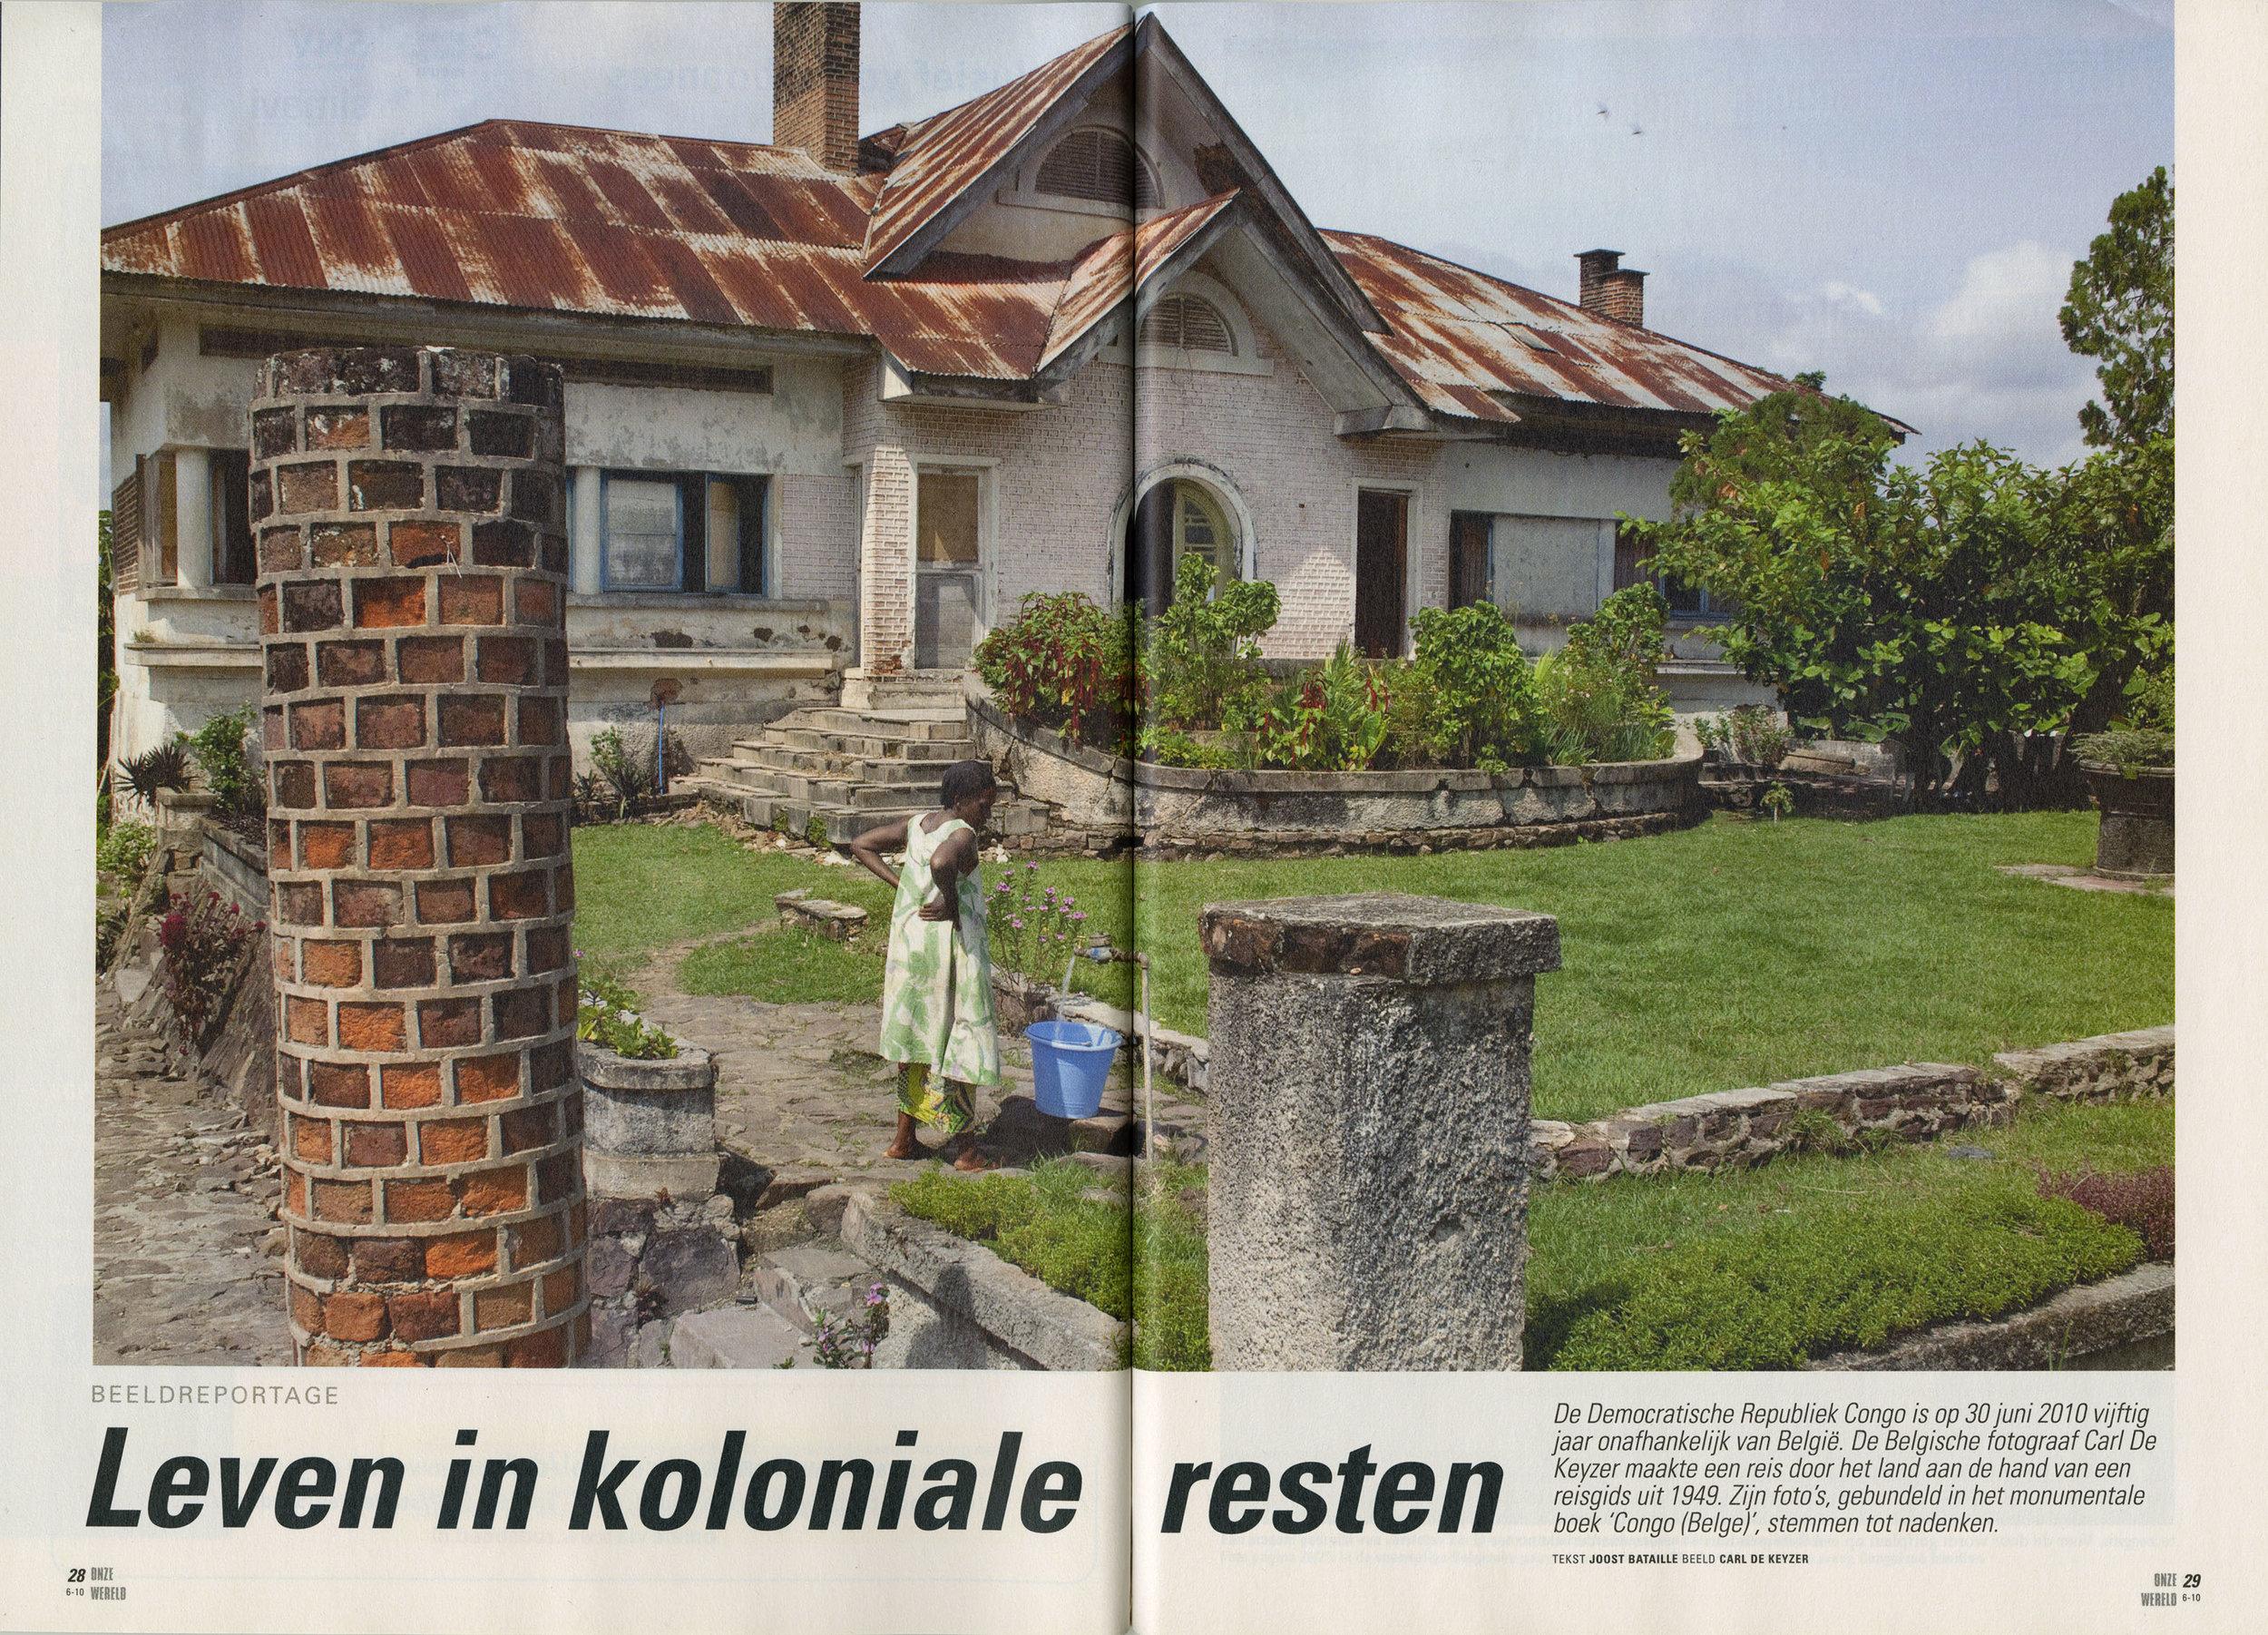 Congo (Onze wereld)